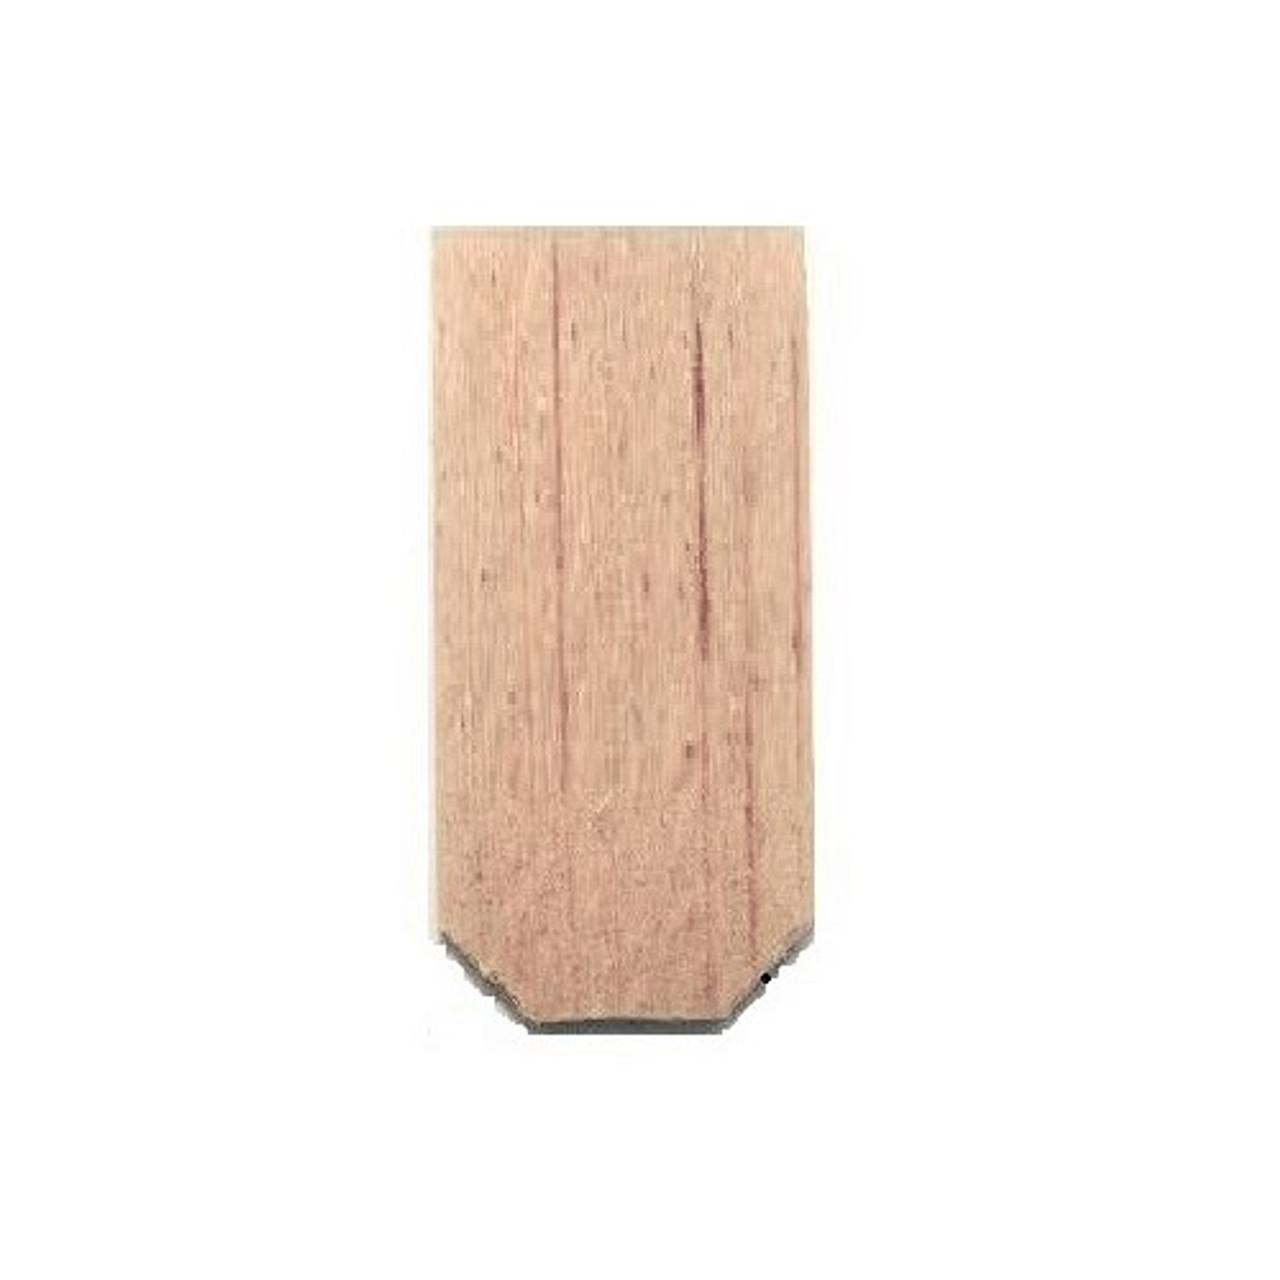 AL63XL - Extra Long Pine Hexagon single shingle shown